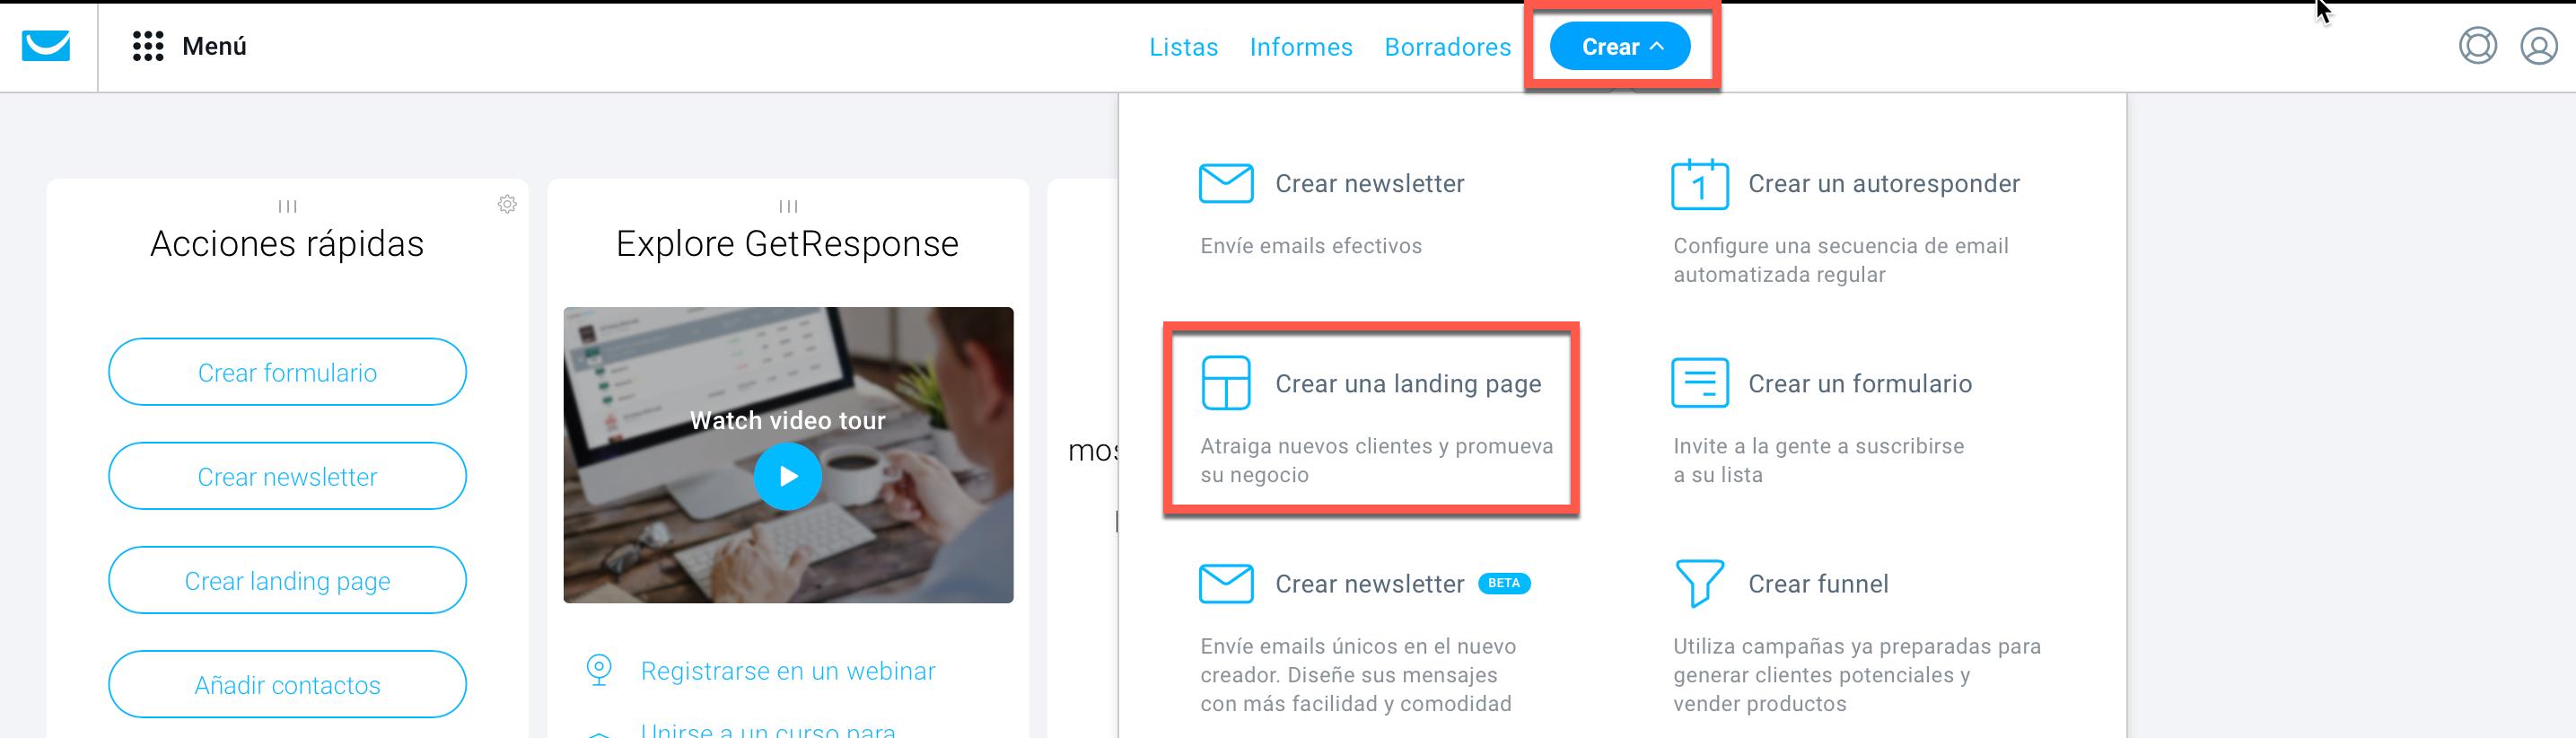 Crear una landing page.